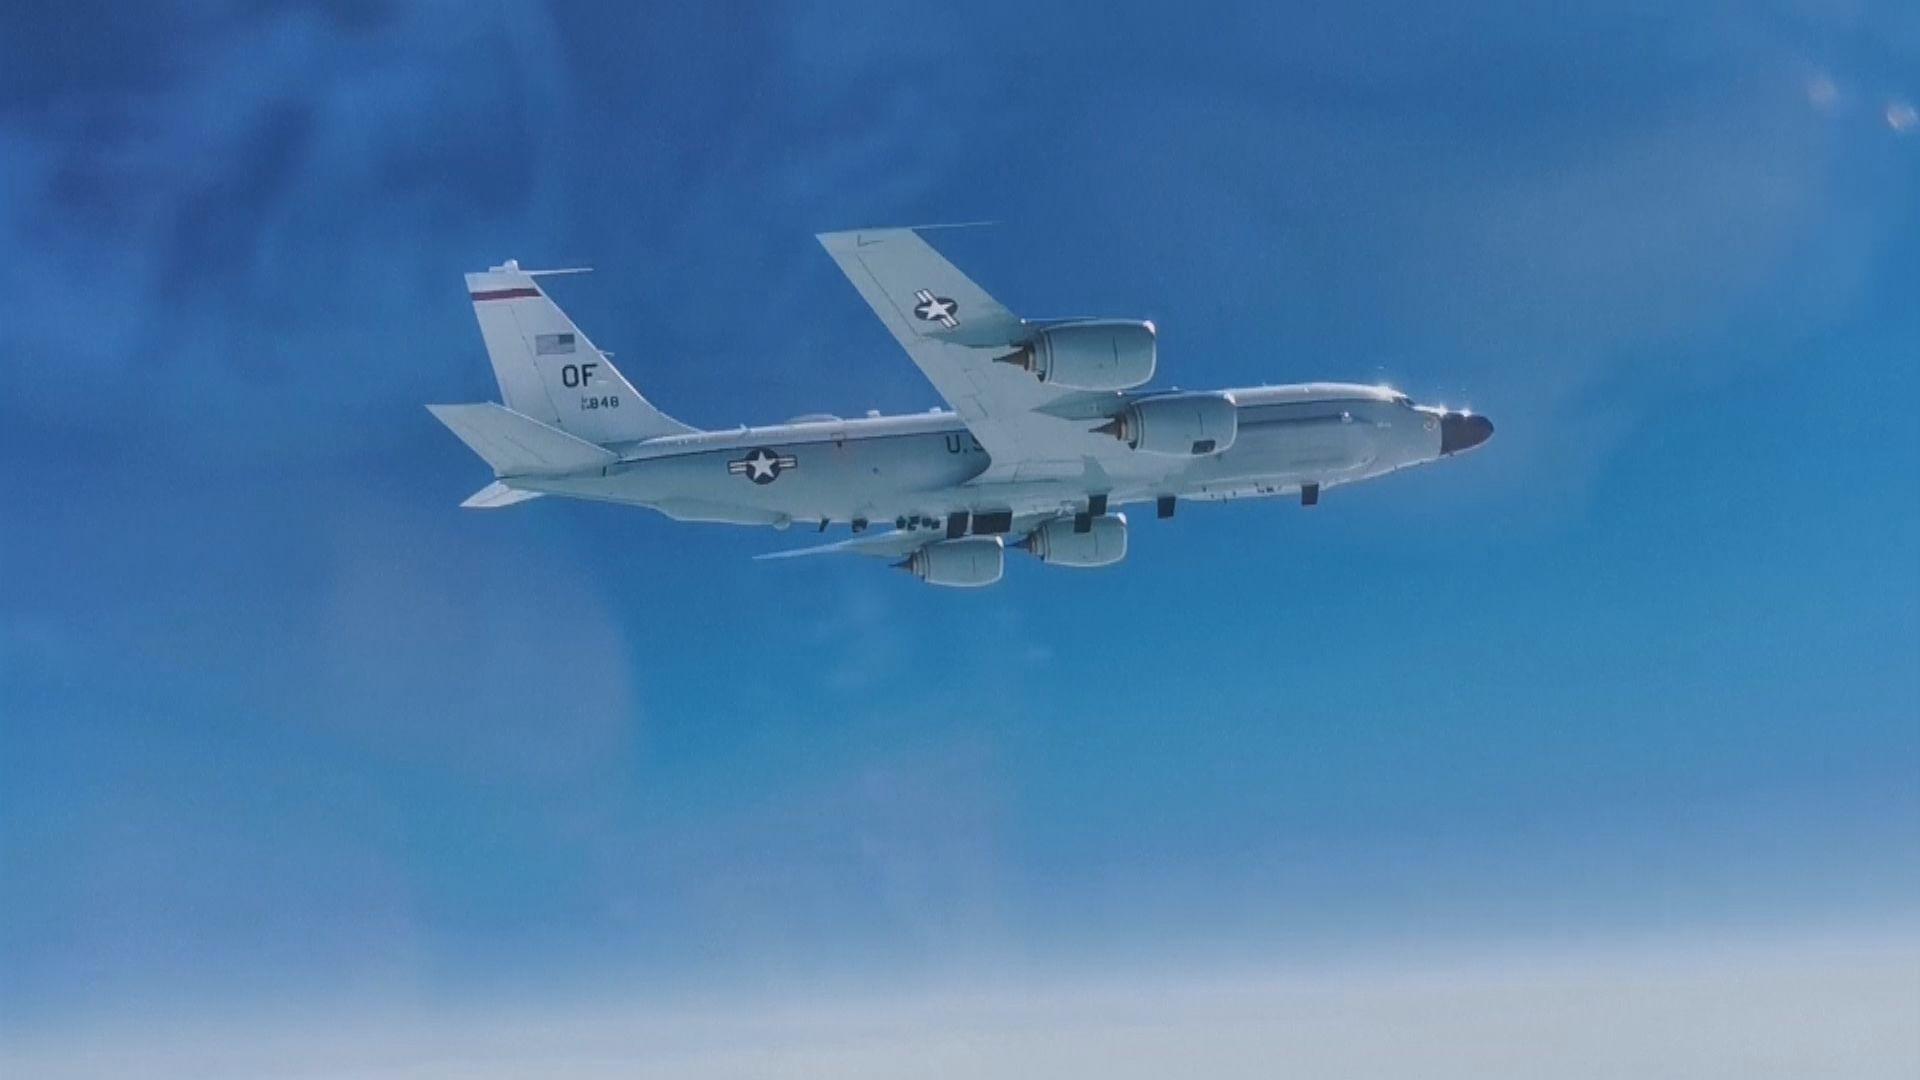 一架美軍偵察機在太平洋靠近俄國邊境一帶出現